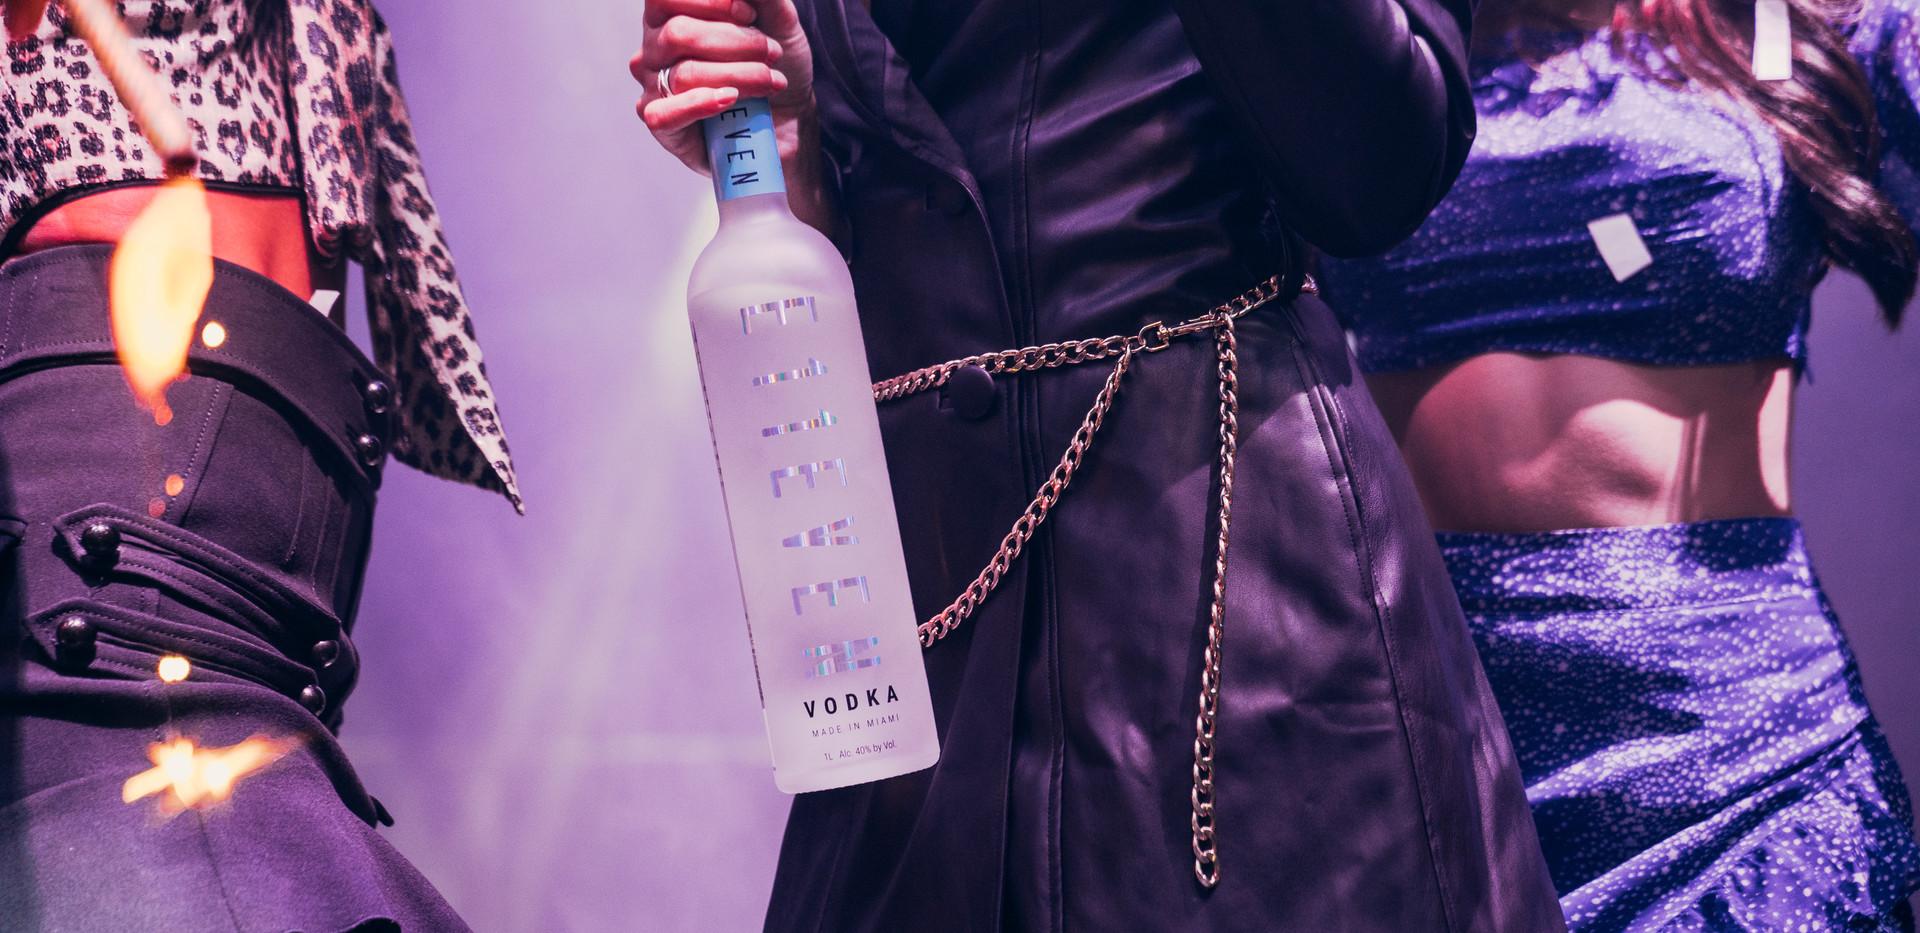 E11EVEN Vodka - 19.jpg